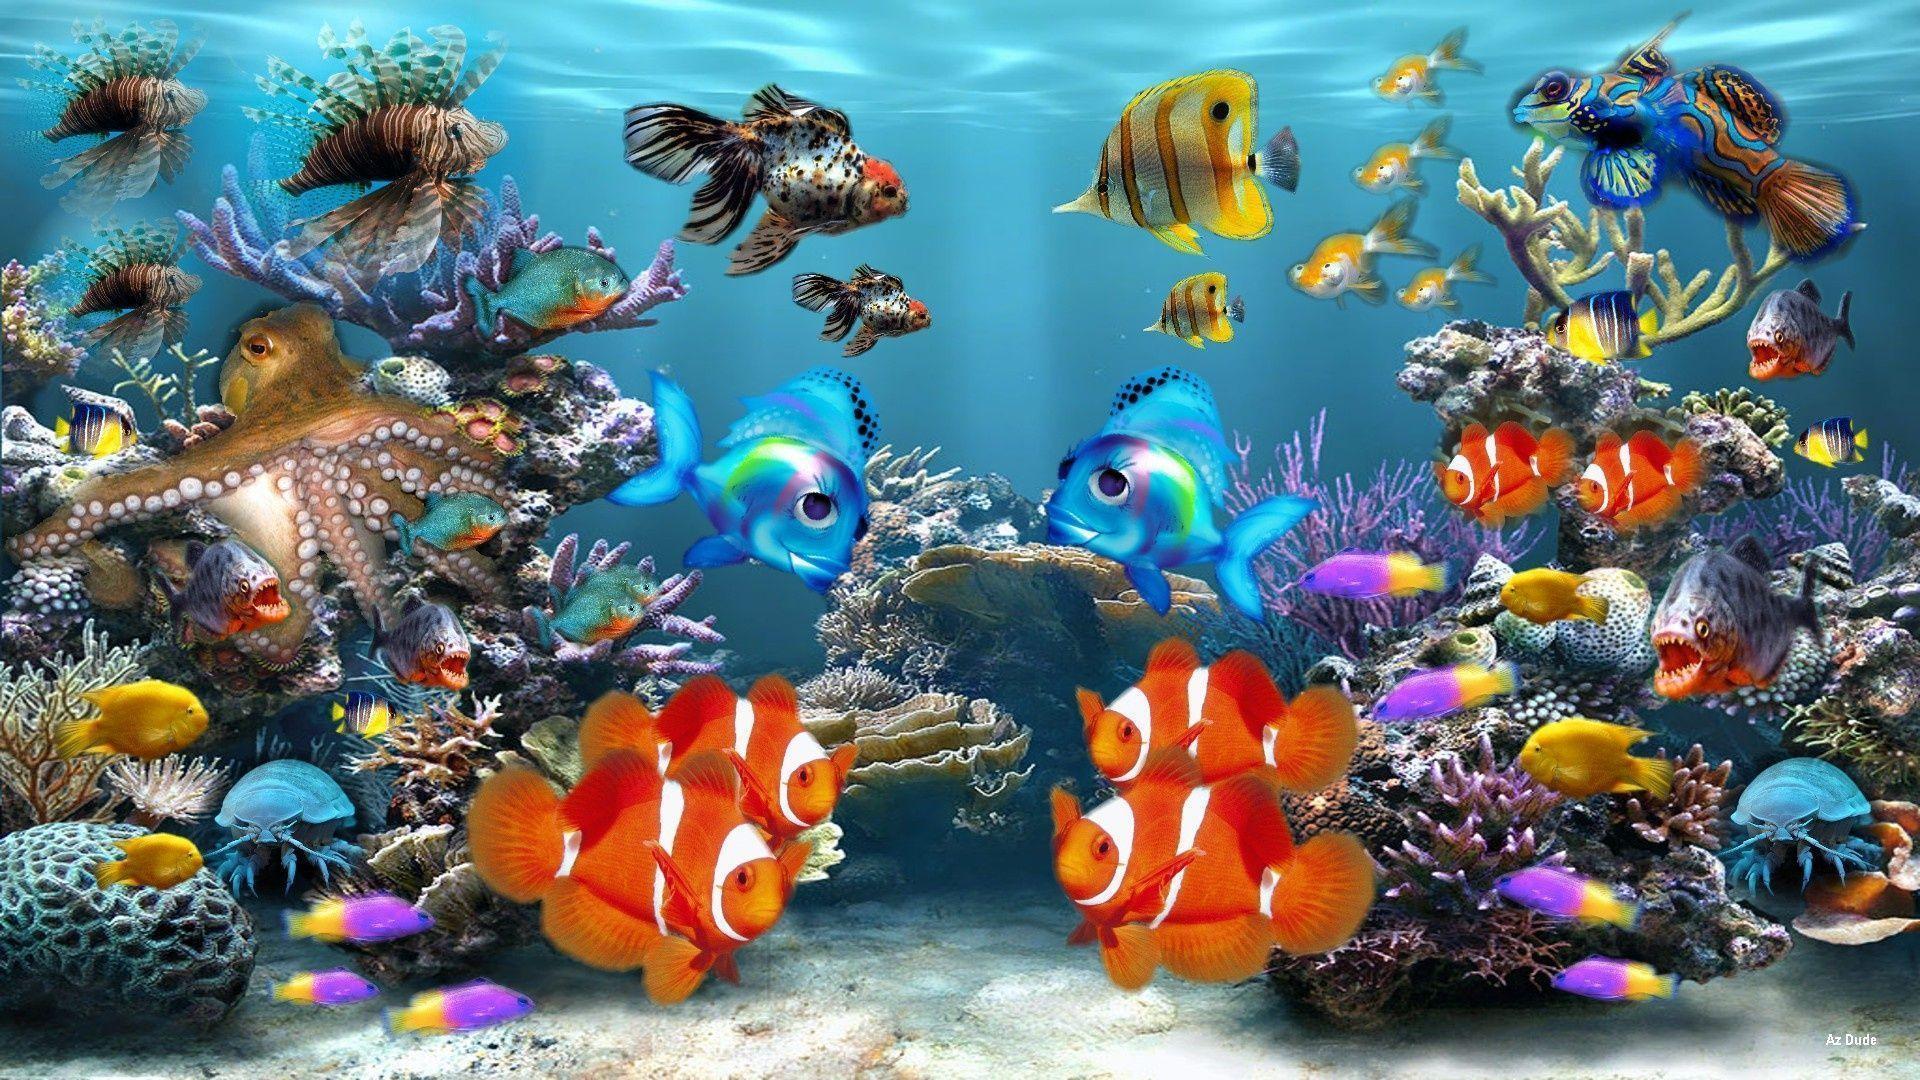 Aquarium Backgrounds 11 Desktop Background | WallFortuner.